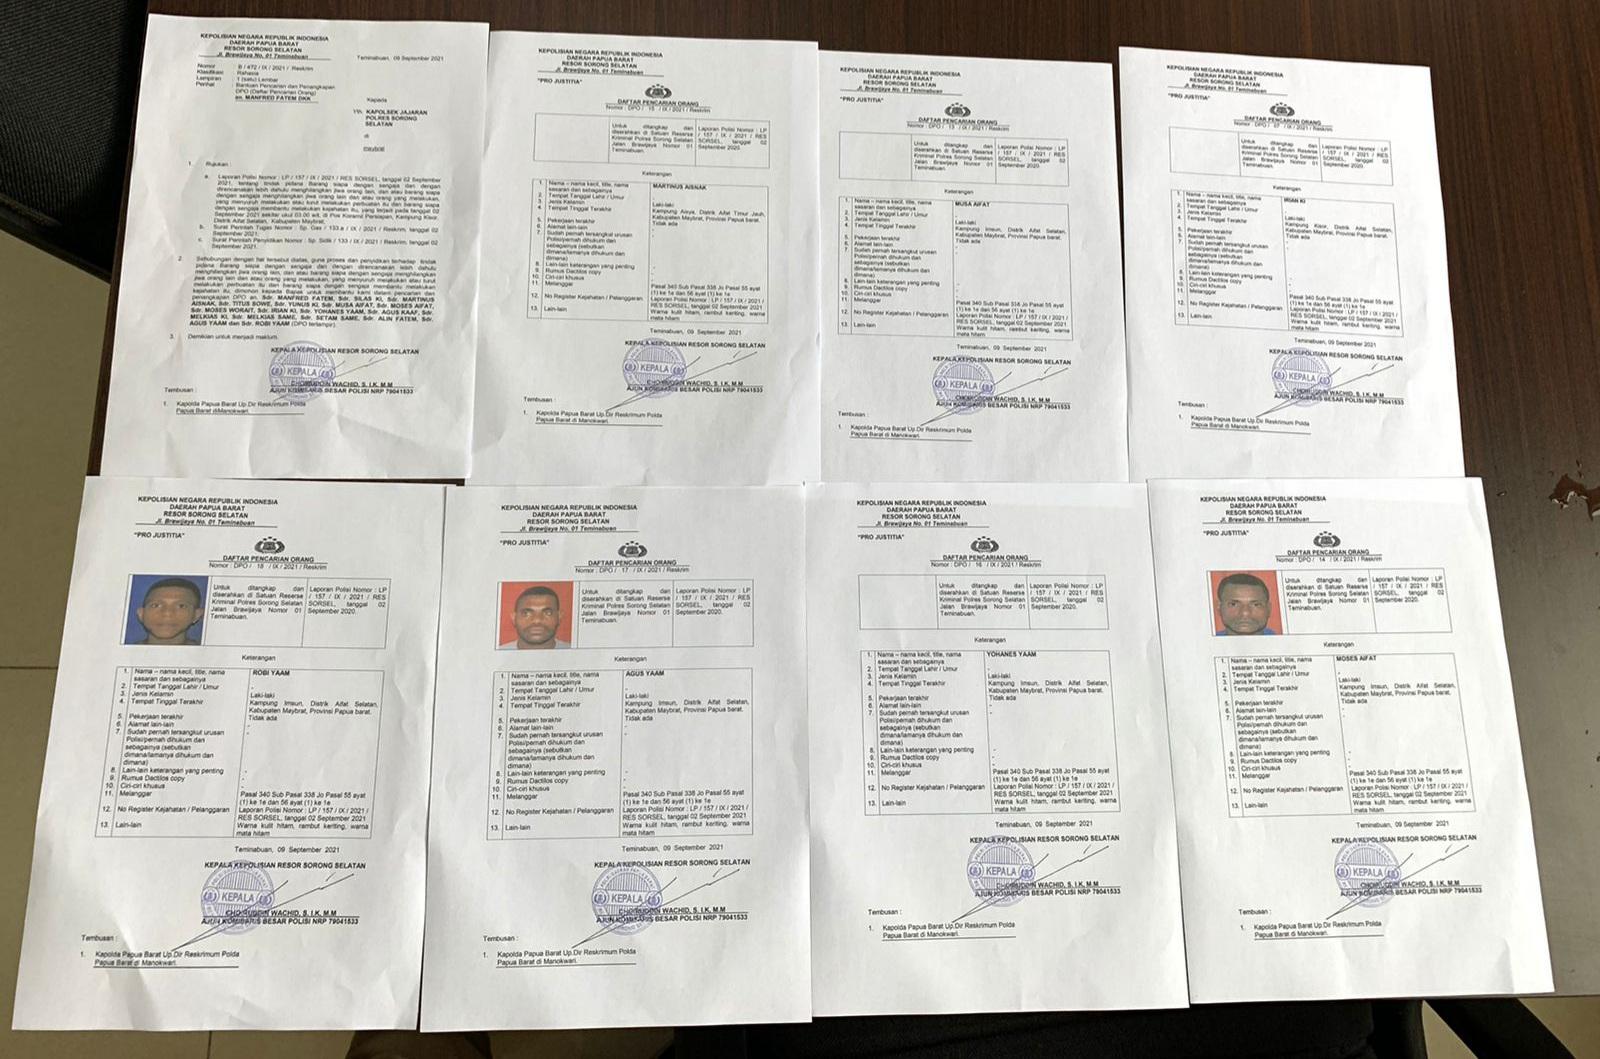 Polda Papua Barat Rilis 17 DPO Kasus Penyerangan Posramil Kisor Maybrat 4 IMG 20210910 WA0041